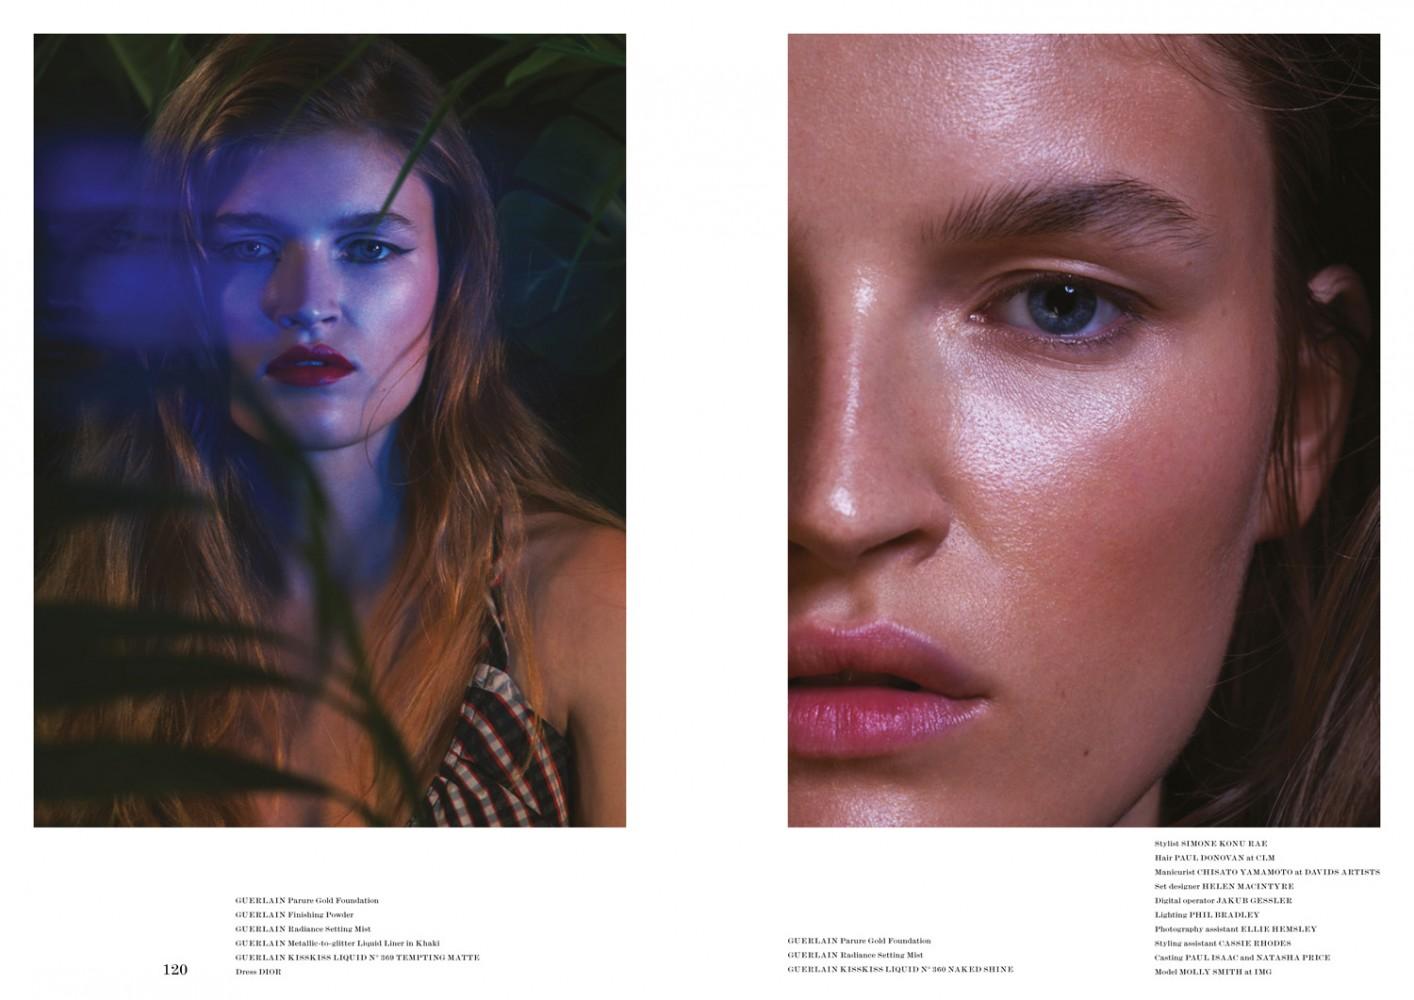 GM_39_Womens_Guerlain_Beauty 5